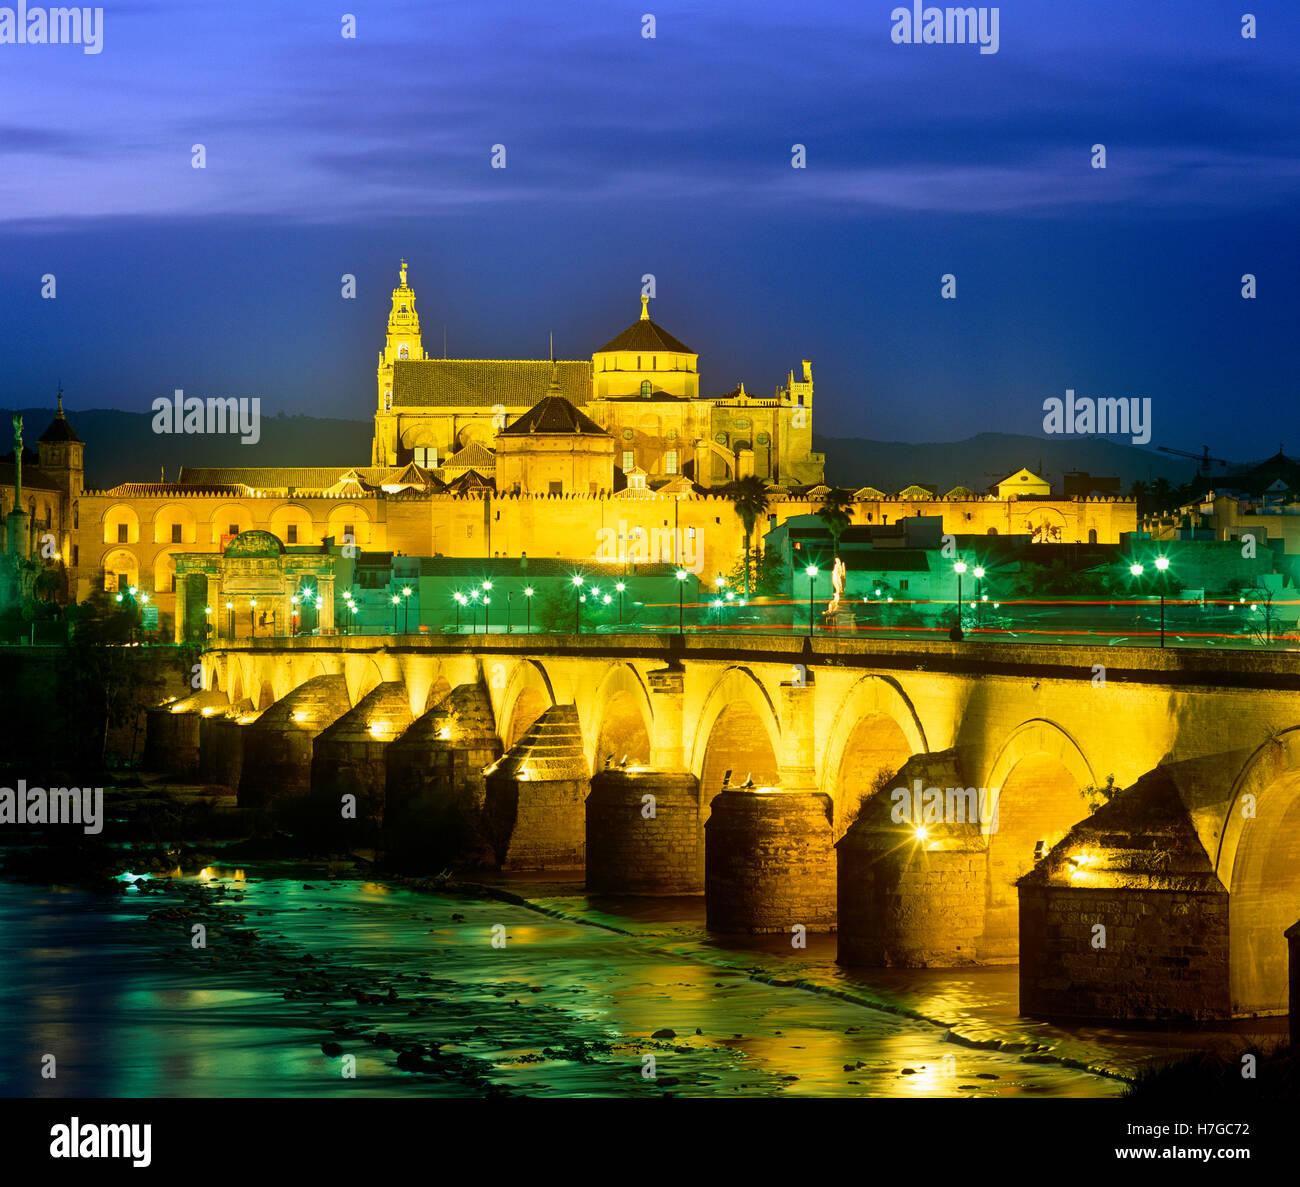 La cattedrale e il ponte romano illuminata di notte, Cordoba, Anadalucia, Spagna Immagini Stock